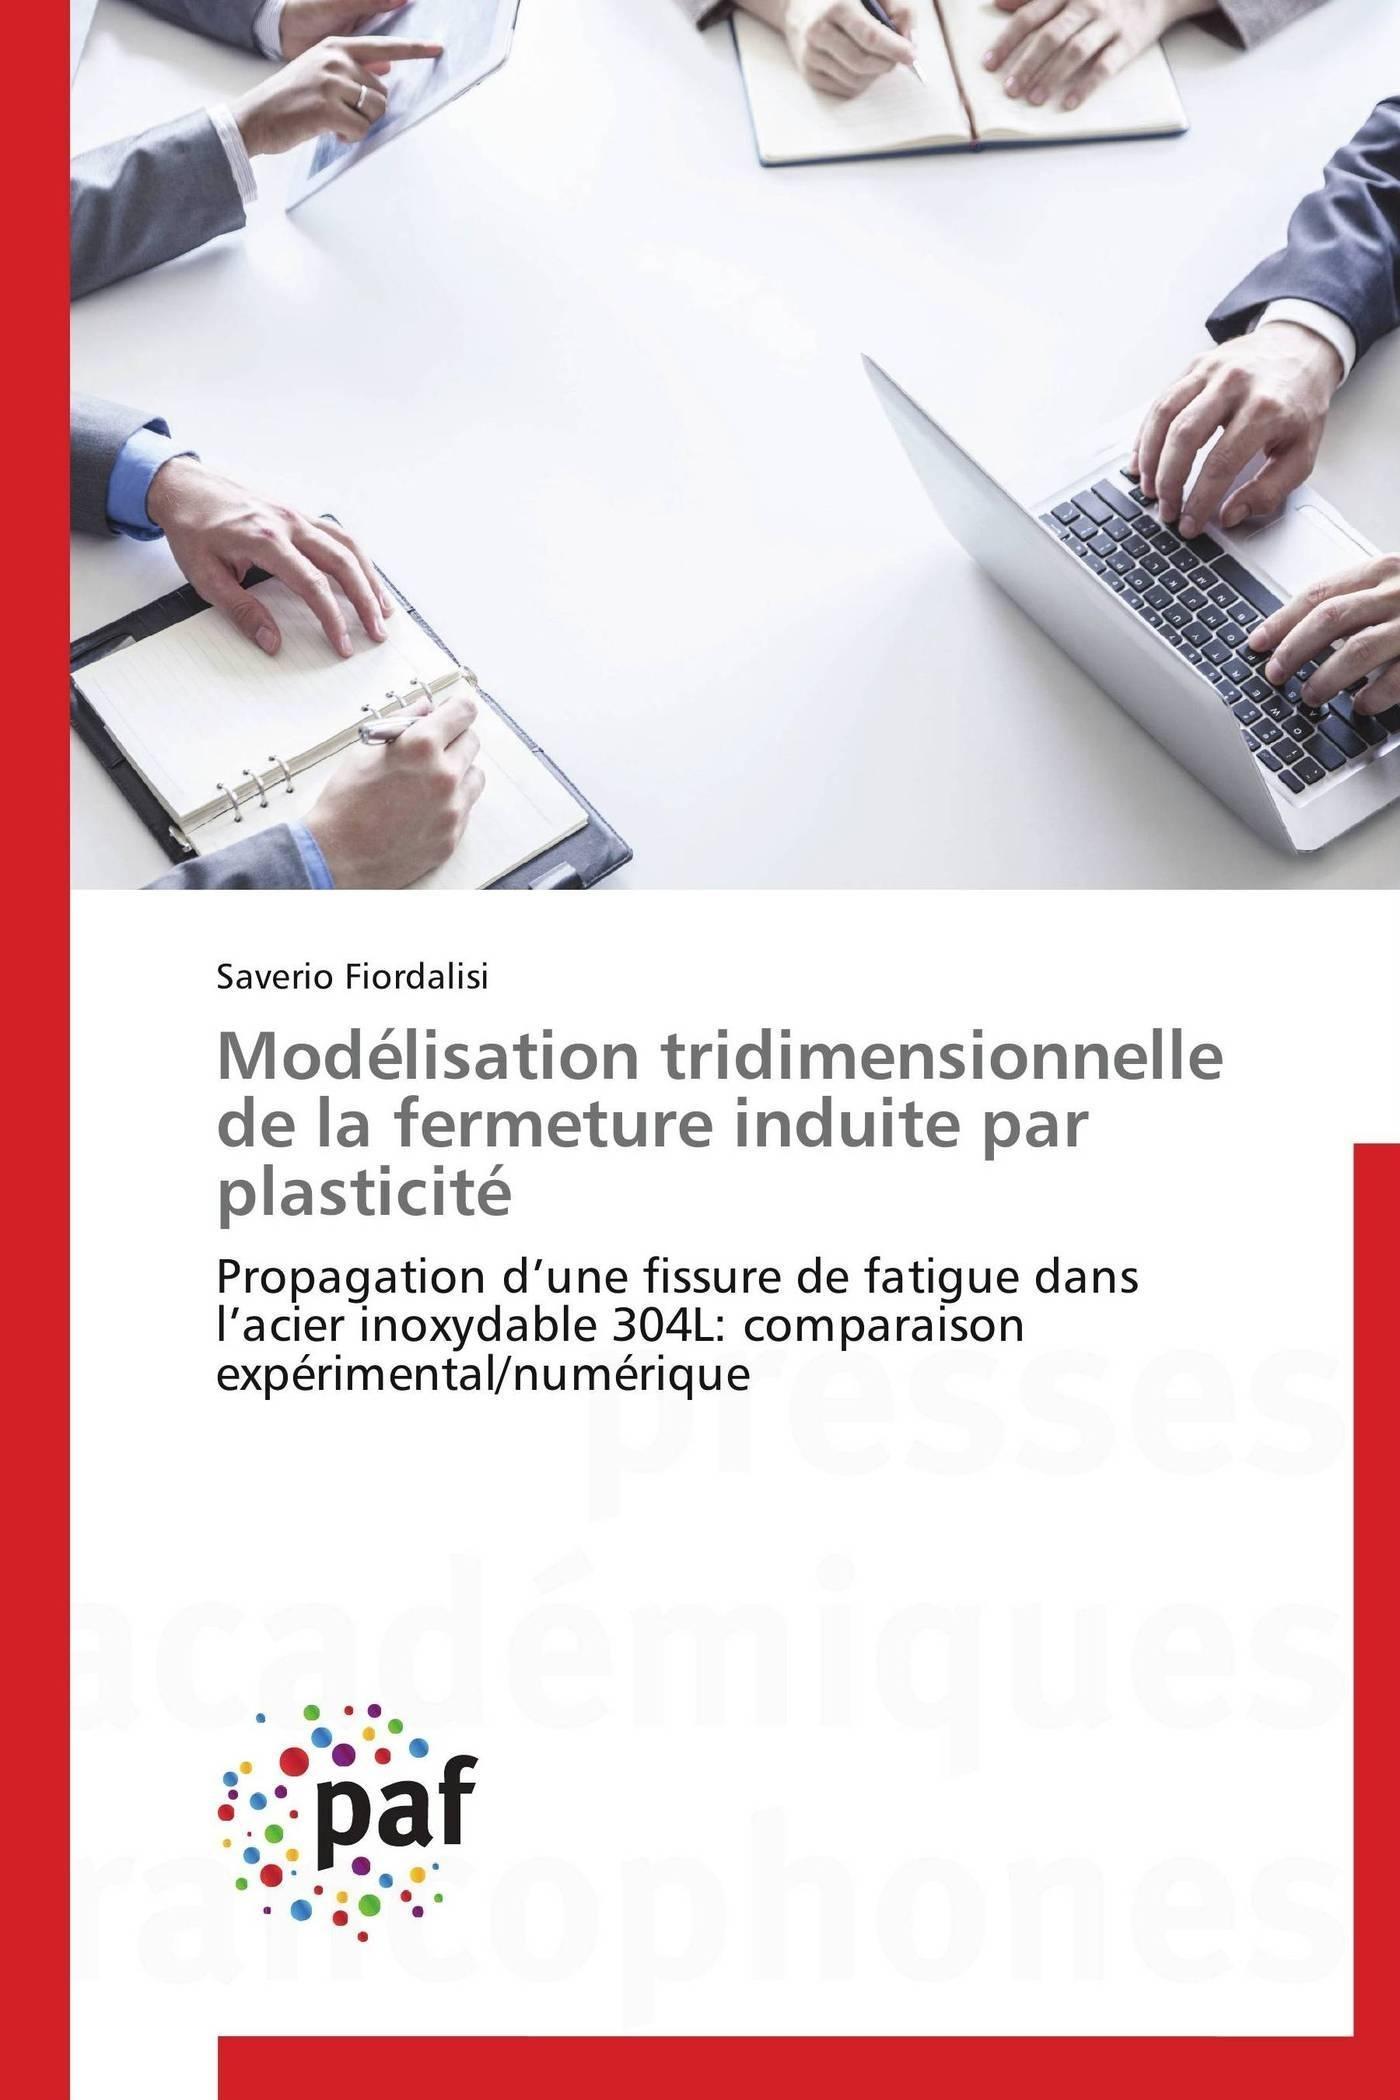 MODELISATION TRIDIMENSIONNELLE DE LA FERMETURE INDUITE PAR PLASTICITE